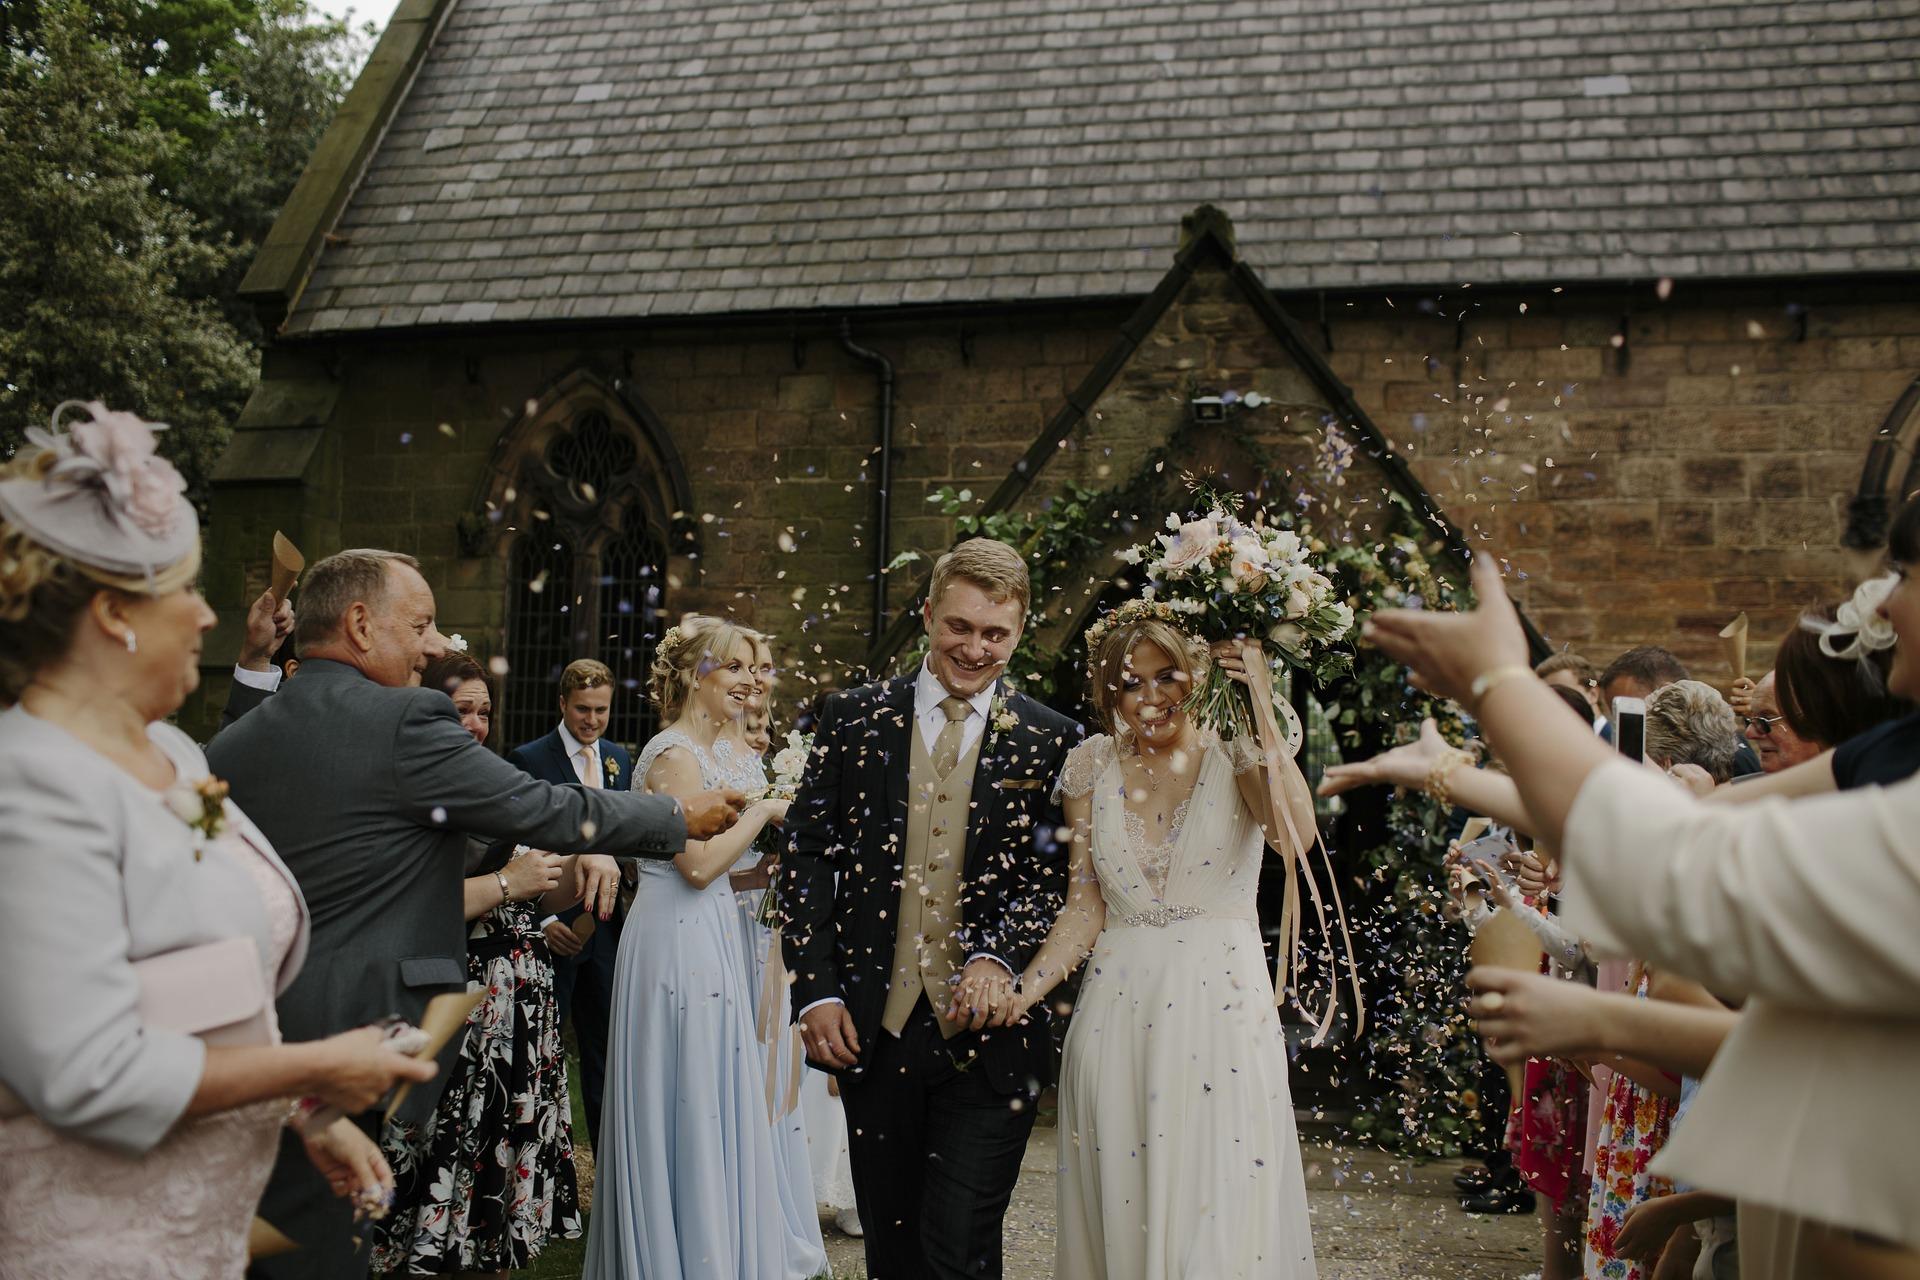 Comment bien gérer vos invités durant votre mariage? découvrez tous nos conseils.